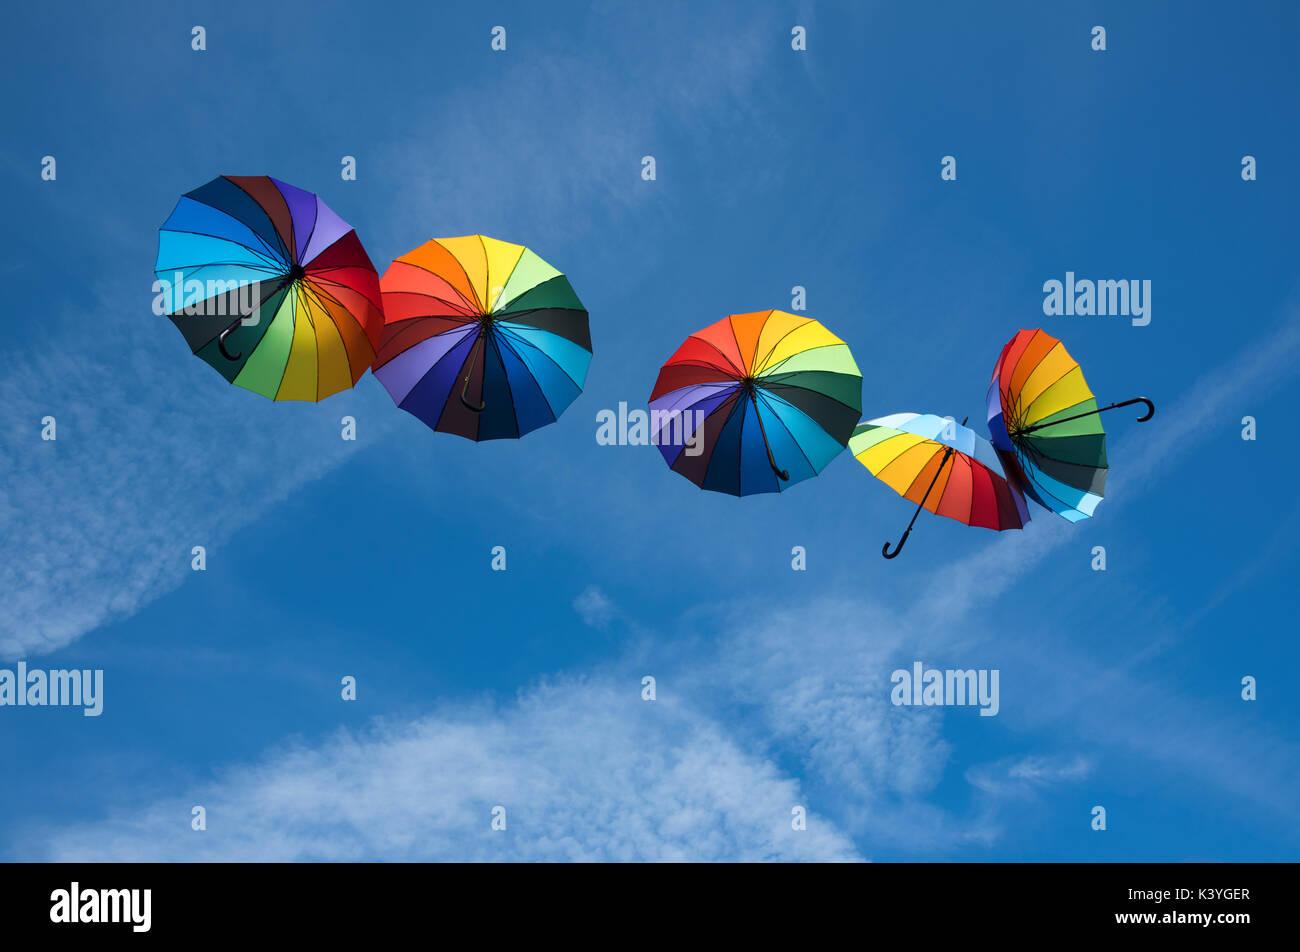 Bunte Sonnenschirme floating im blauen Himmel Stockbild